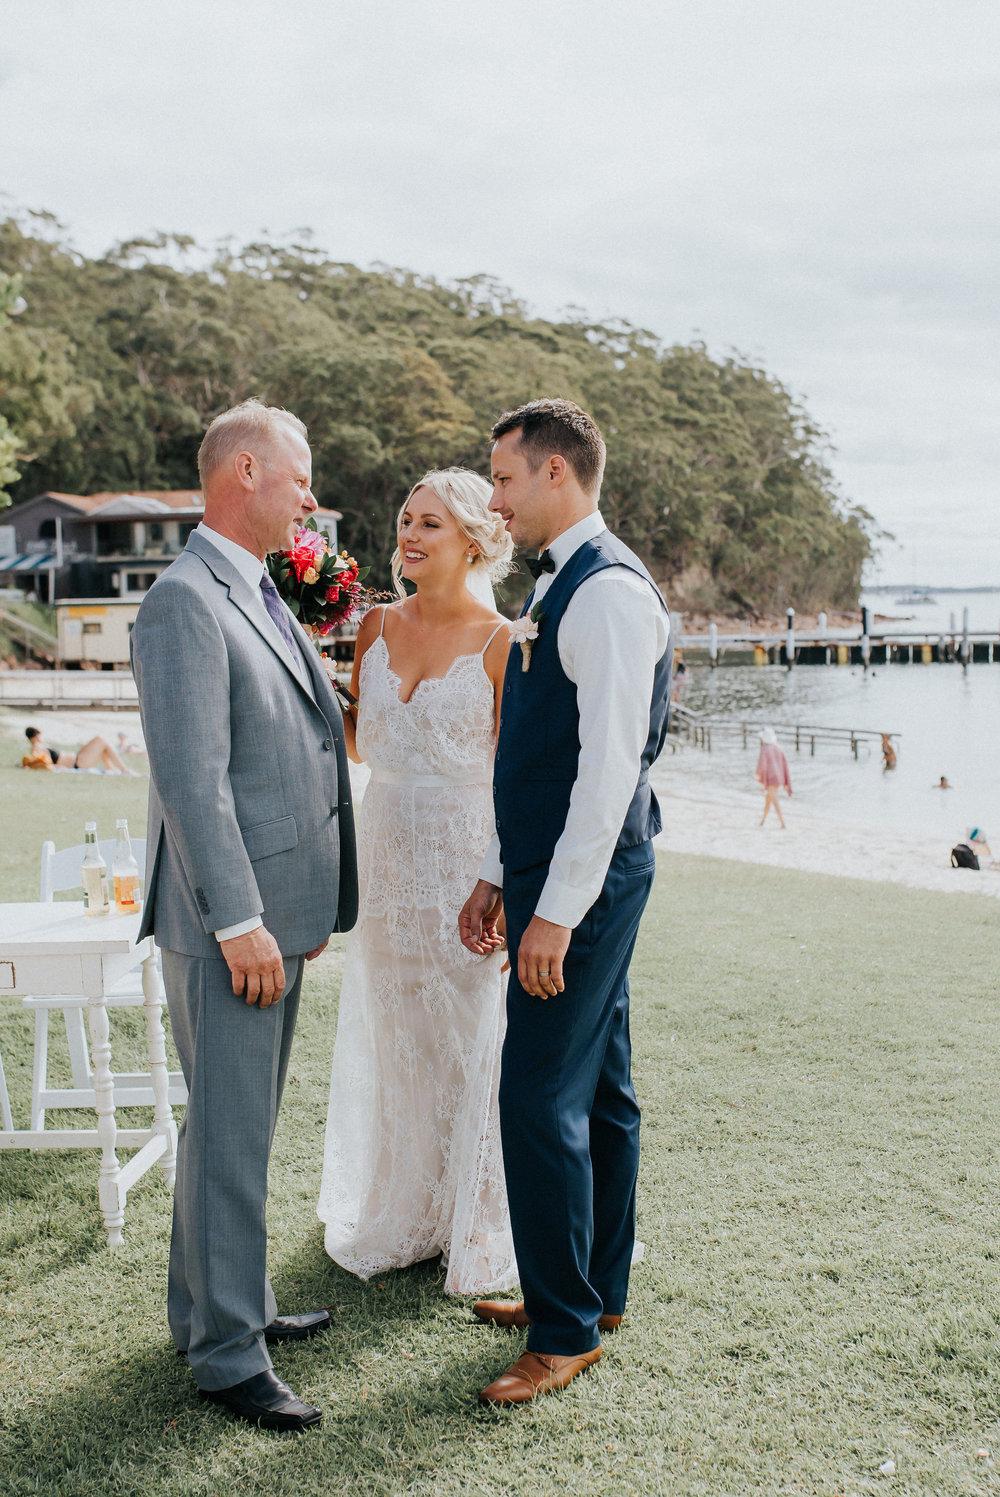 LITTLE-BEACH-WEDDING-MARCHANT-476.jpg